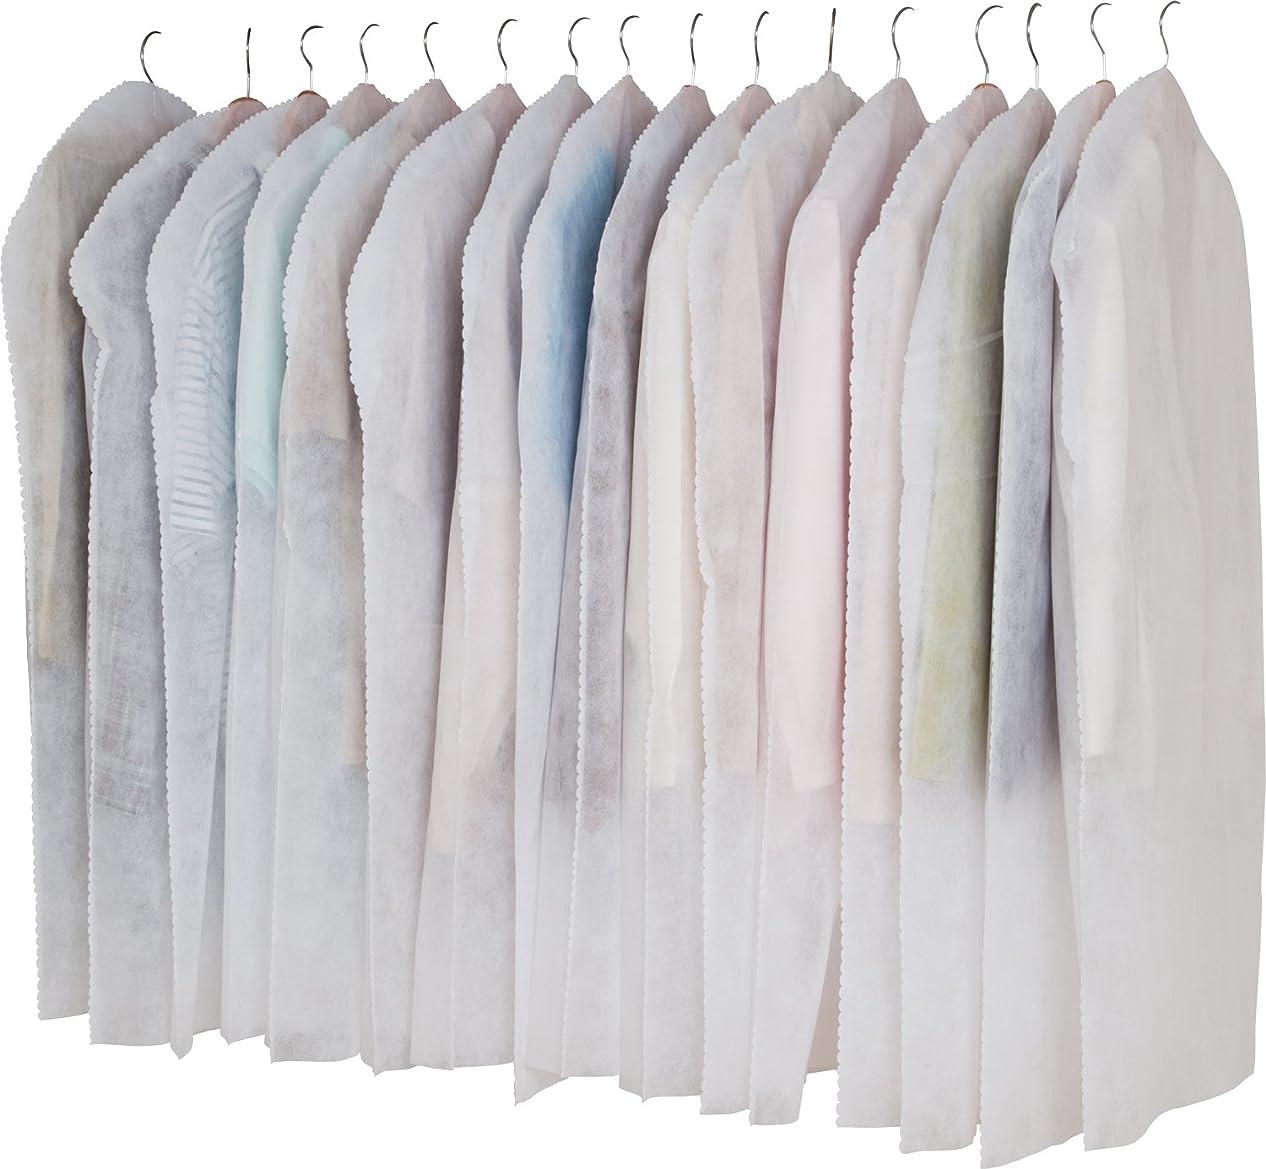 引用カバレッジチャレンジアストロ 洋服カバー 16枚 両面不織布 フリル調 605-01